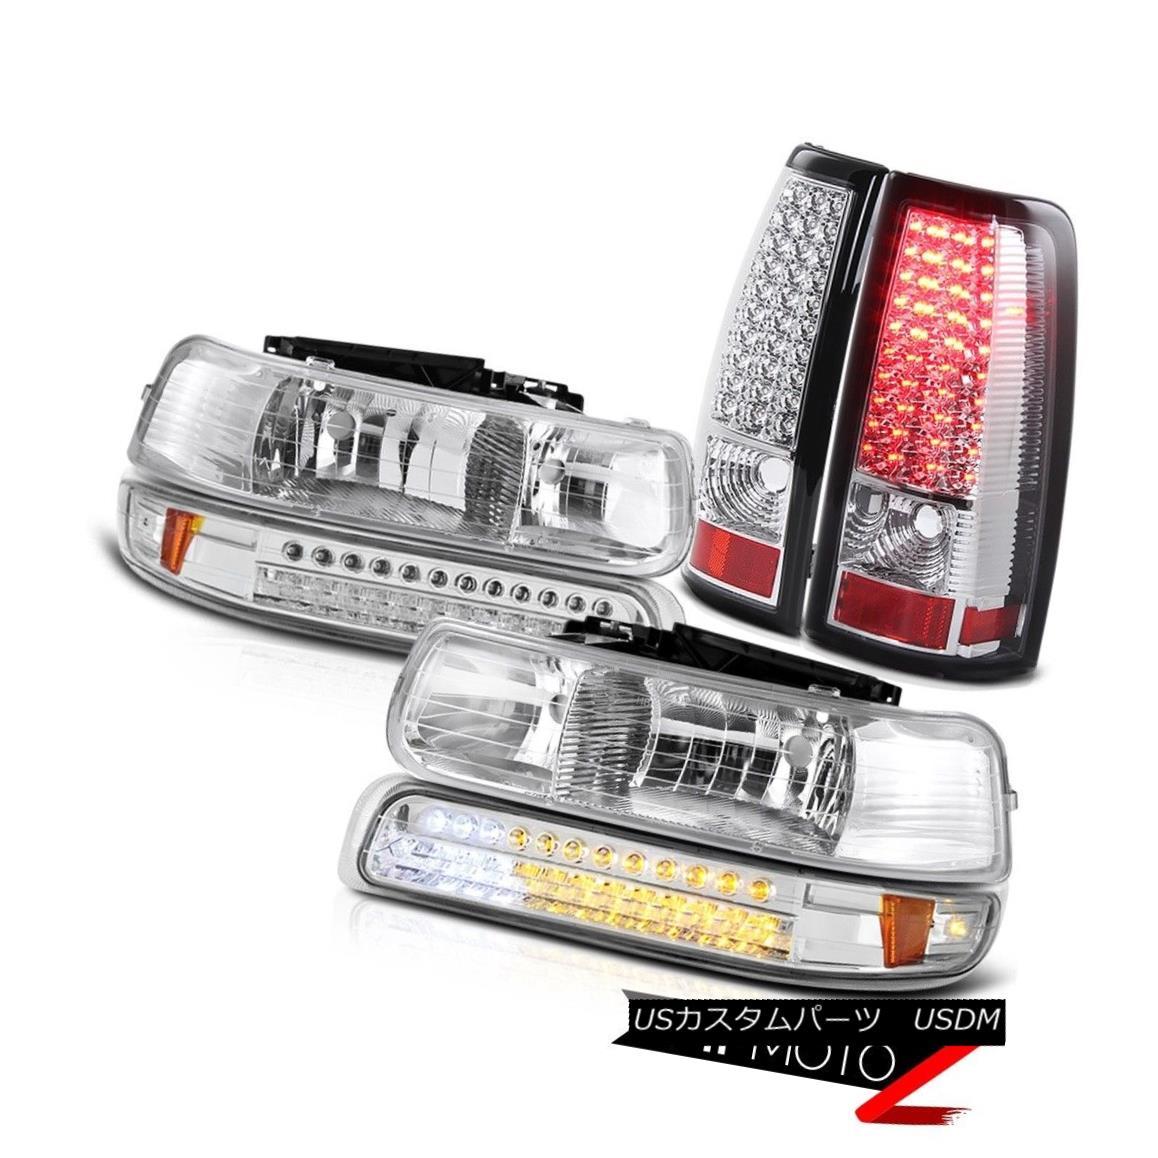 テールライト 1999-2002 GMT800 Silverado Chrome Front headlamps Turn Signal DRL LED Taillights 1999-2002 GMT800 SilveradoクロームフロントヘッドランプターンシグナルDRL LEDターンライト